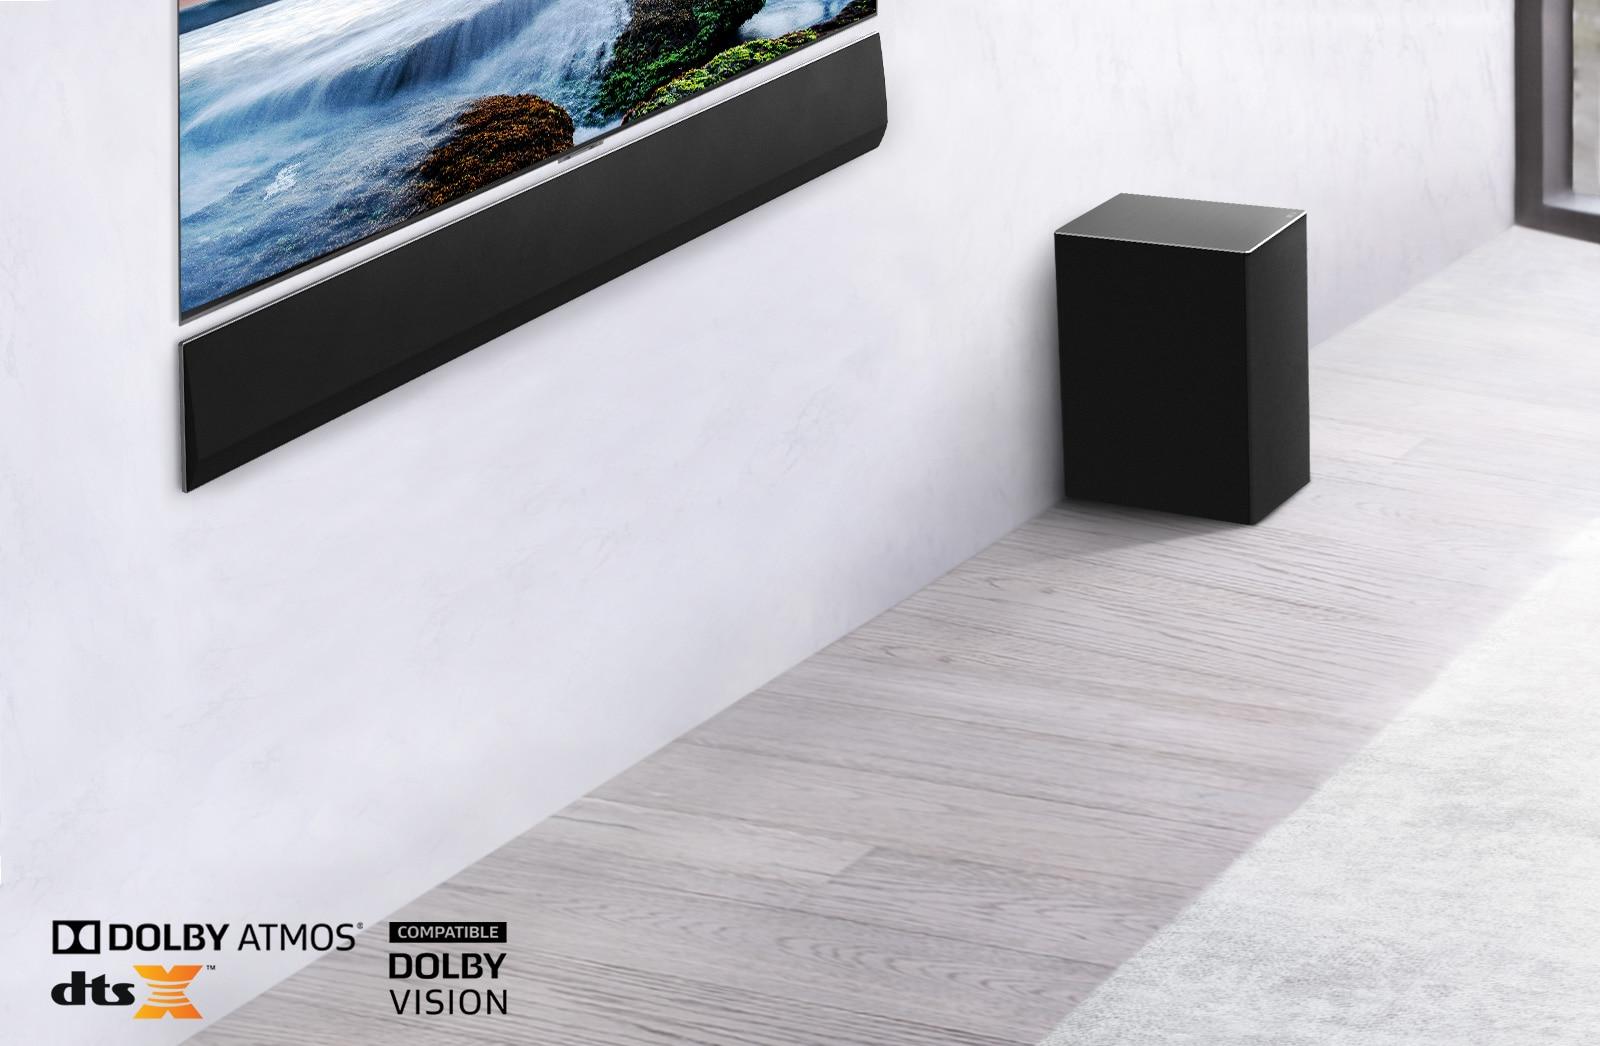 TV e LG Soundbar montati a parete con un subwoofer in basso a destra. La TV mostra un tramonto sul mare.